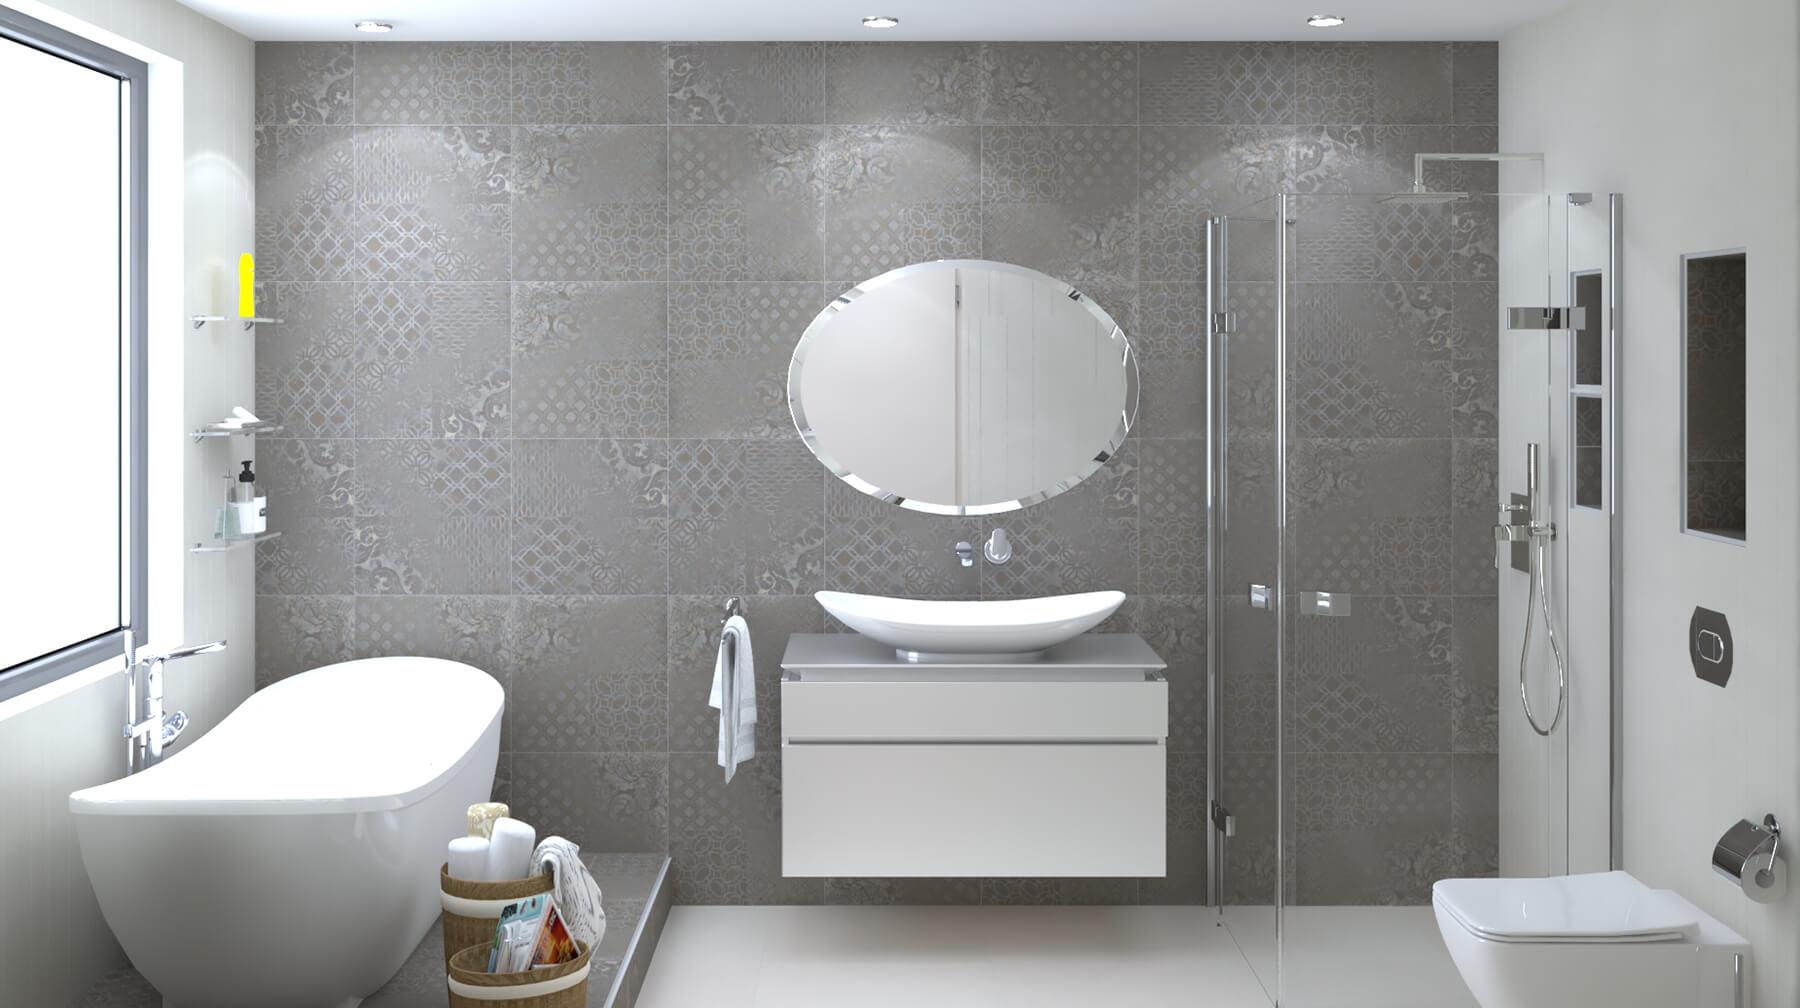 bathroom interior design 3D project